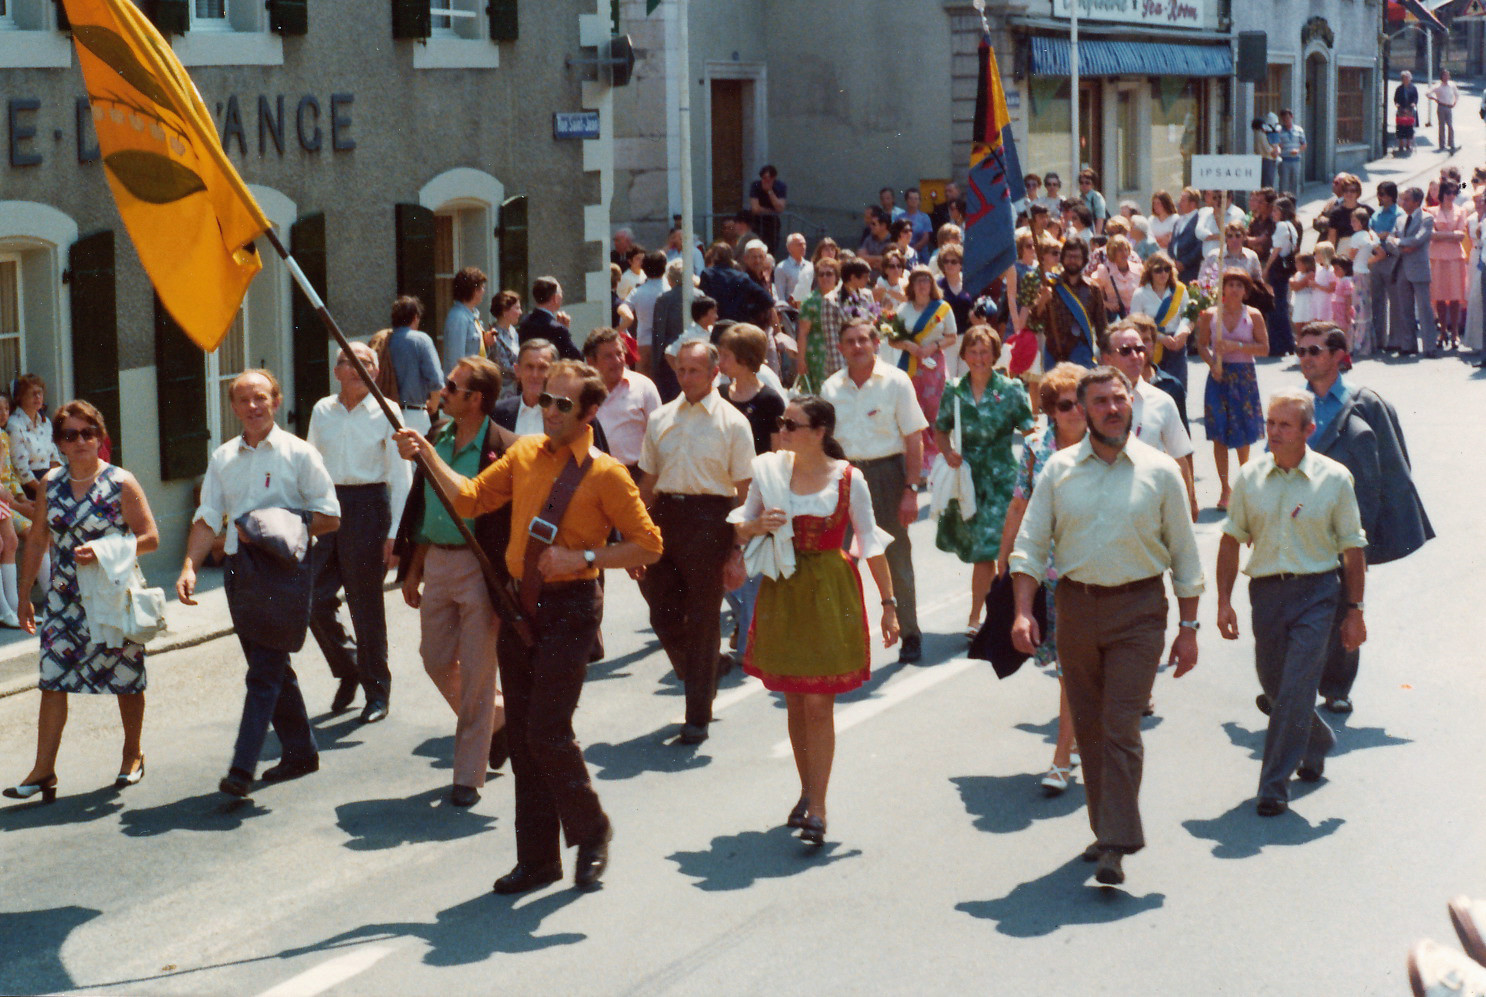 21./22.6.1975::Sängerfest Nyon VD::Foto zur Verfügung gestellt von Martha Hauser